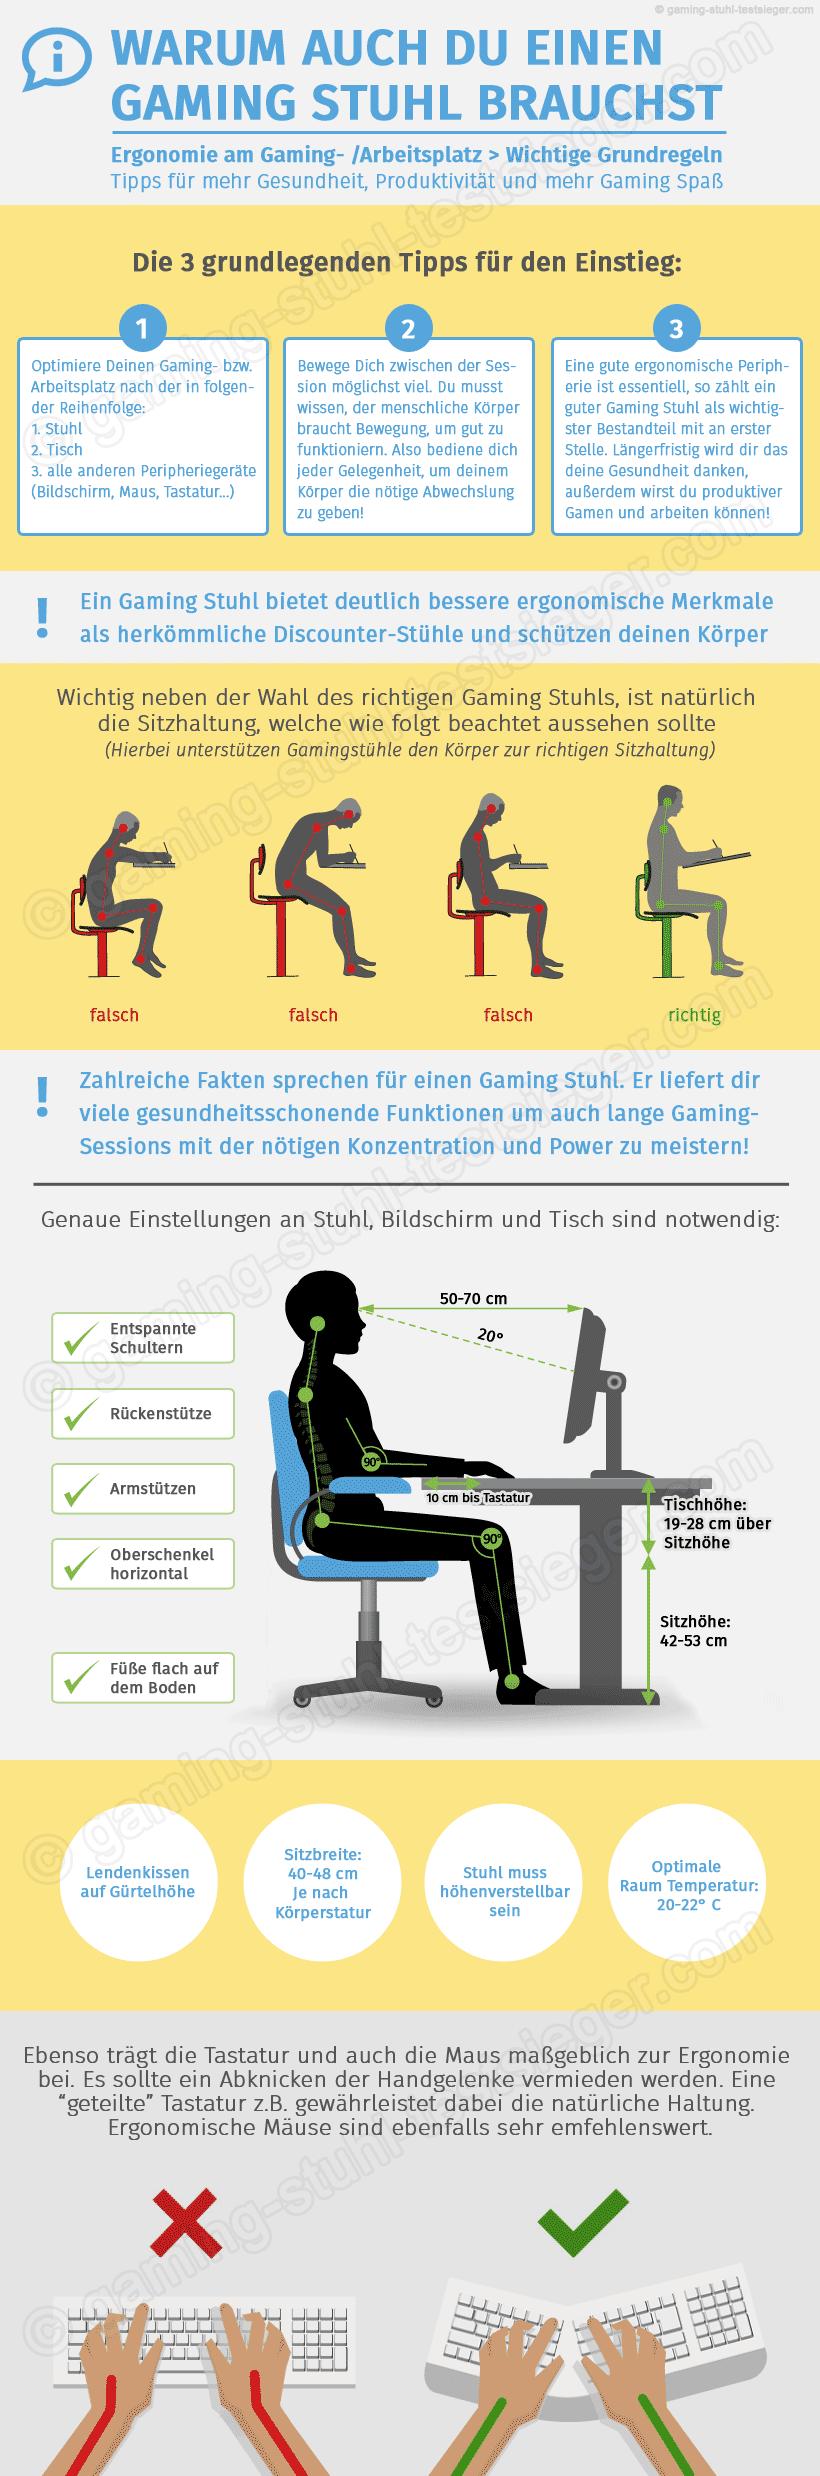 gaming stuhl - Infografik